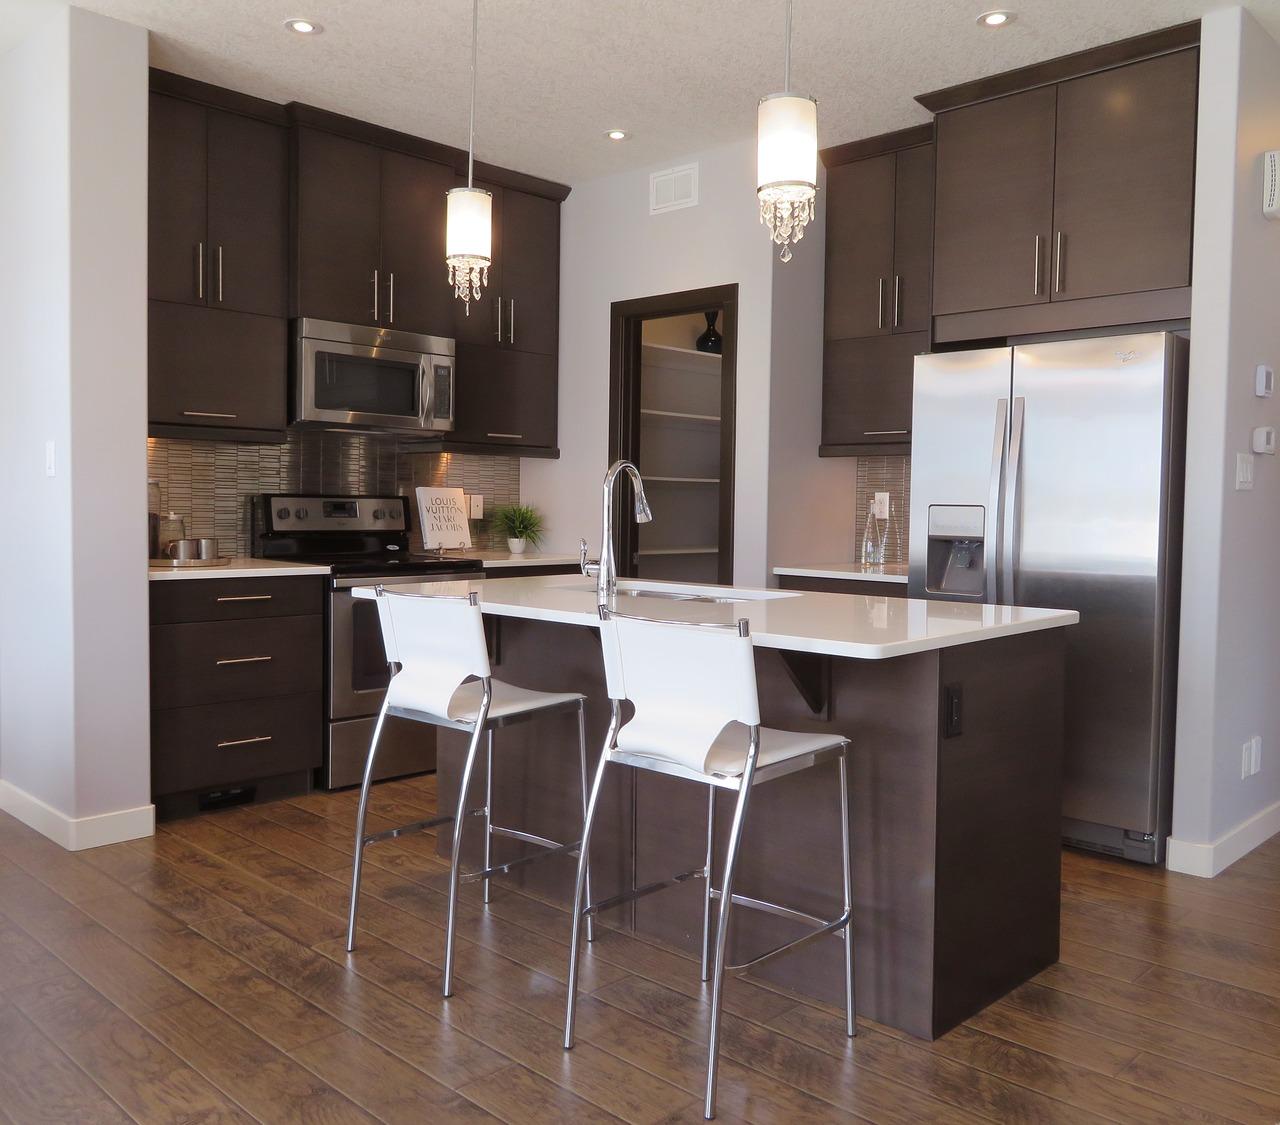 kitchen-2488520_1280